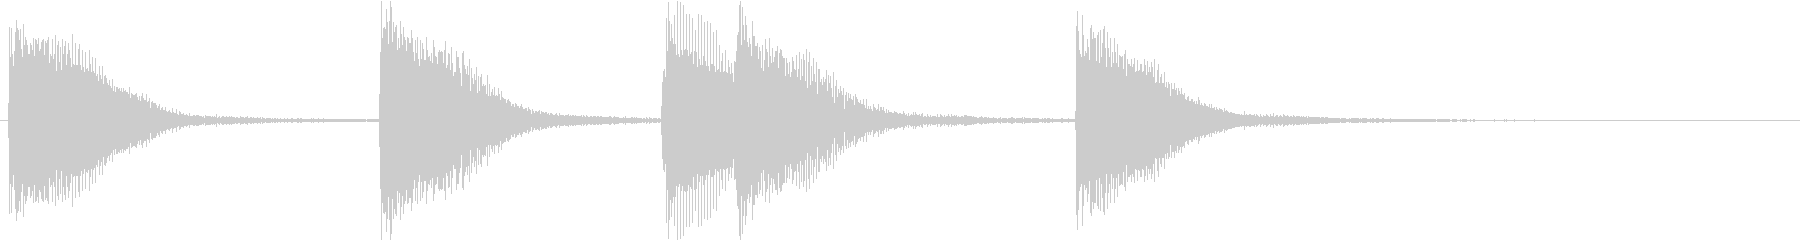 ピアノジングル 幼児向けアニメ系E-03の未再生の波形